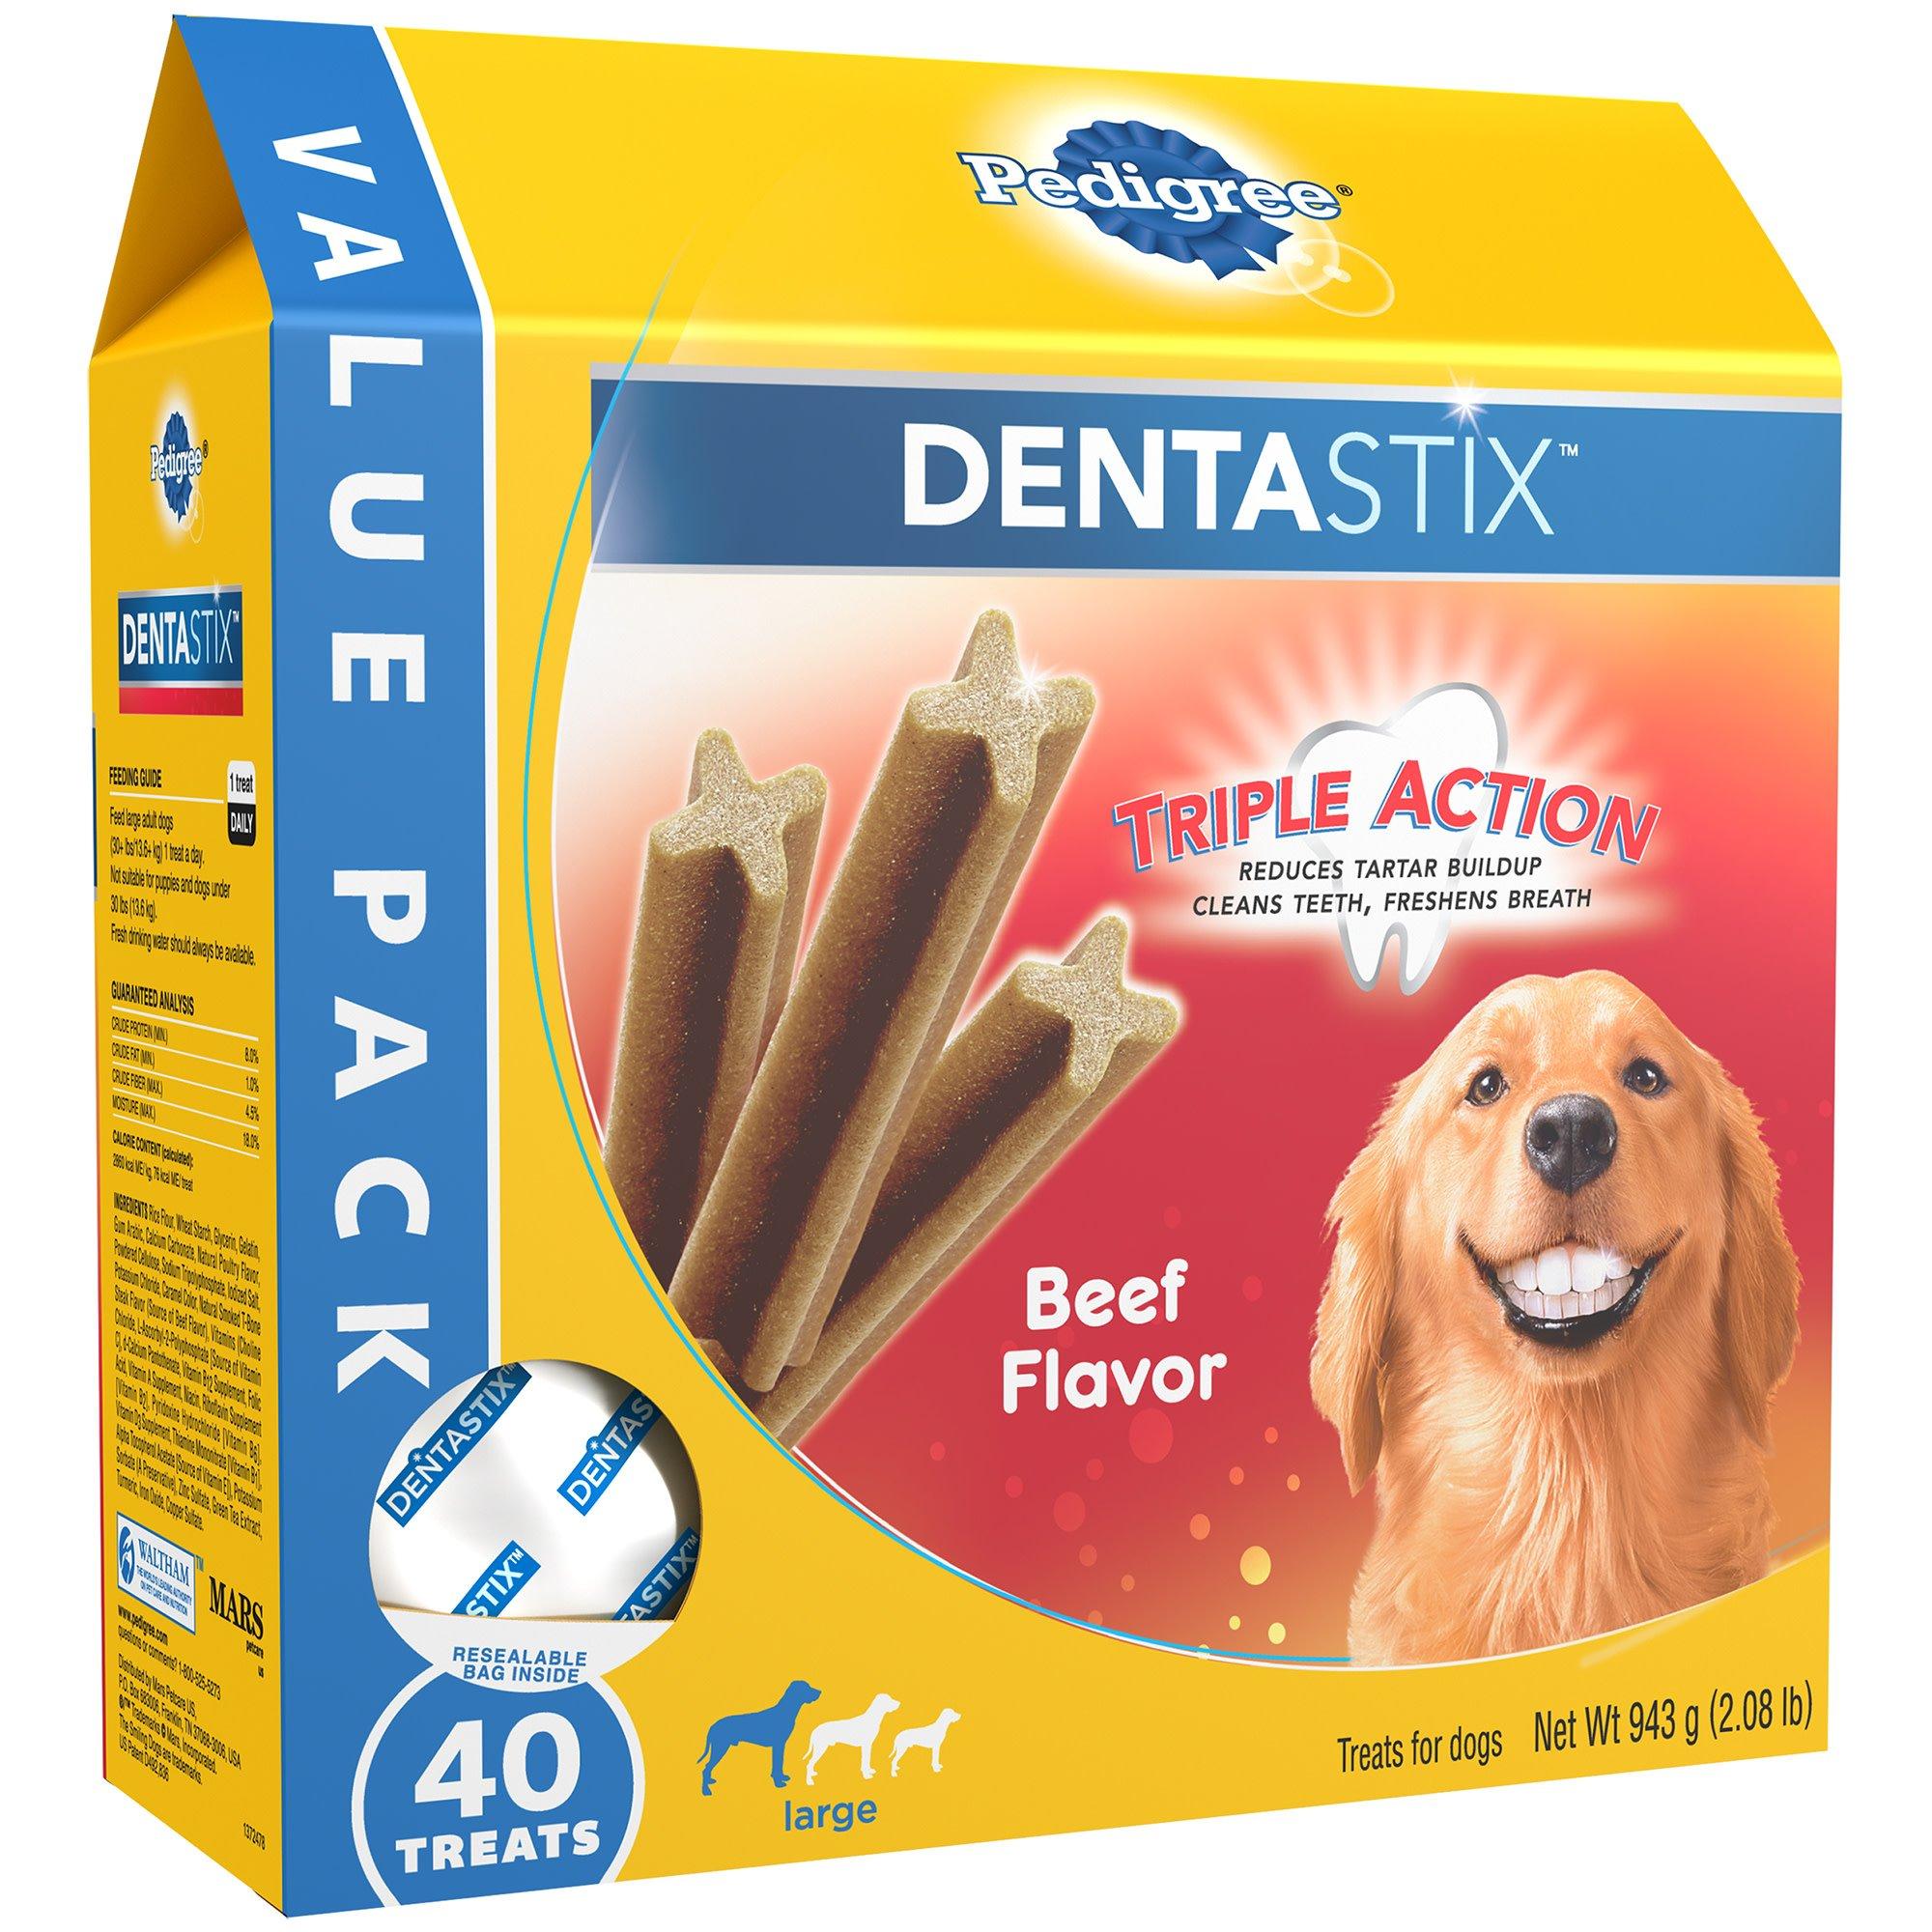 Pedigree Dentastix Beef Flavor Value Pack Large Treats For